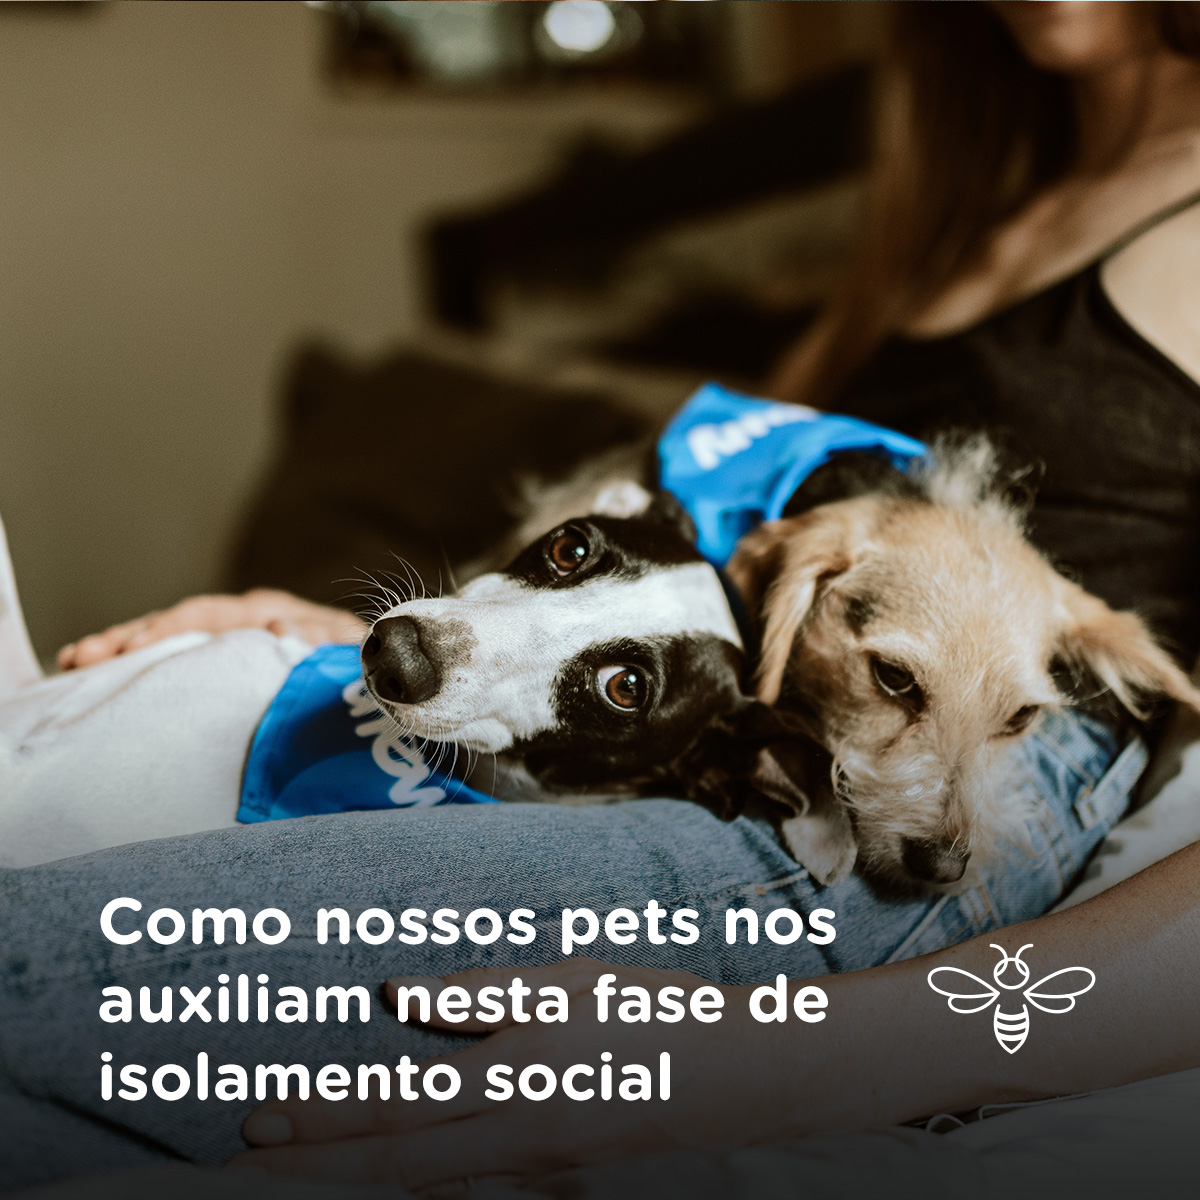 Como nossos pets nos auxiliam nesta fase de isolamento social